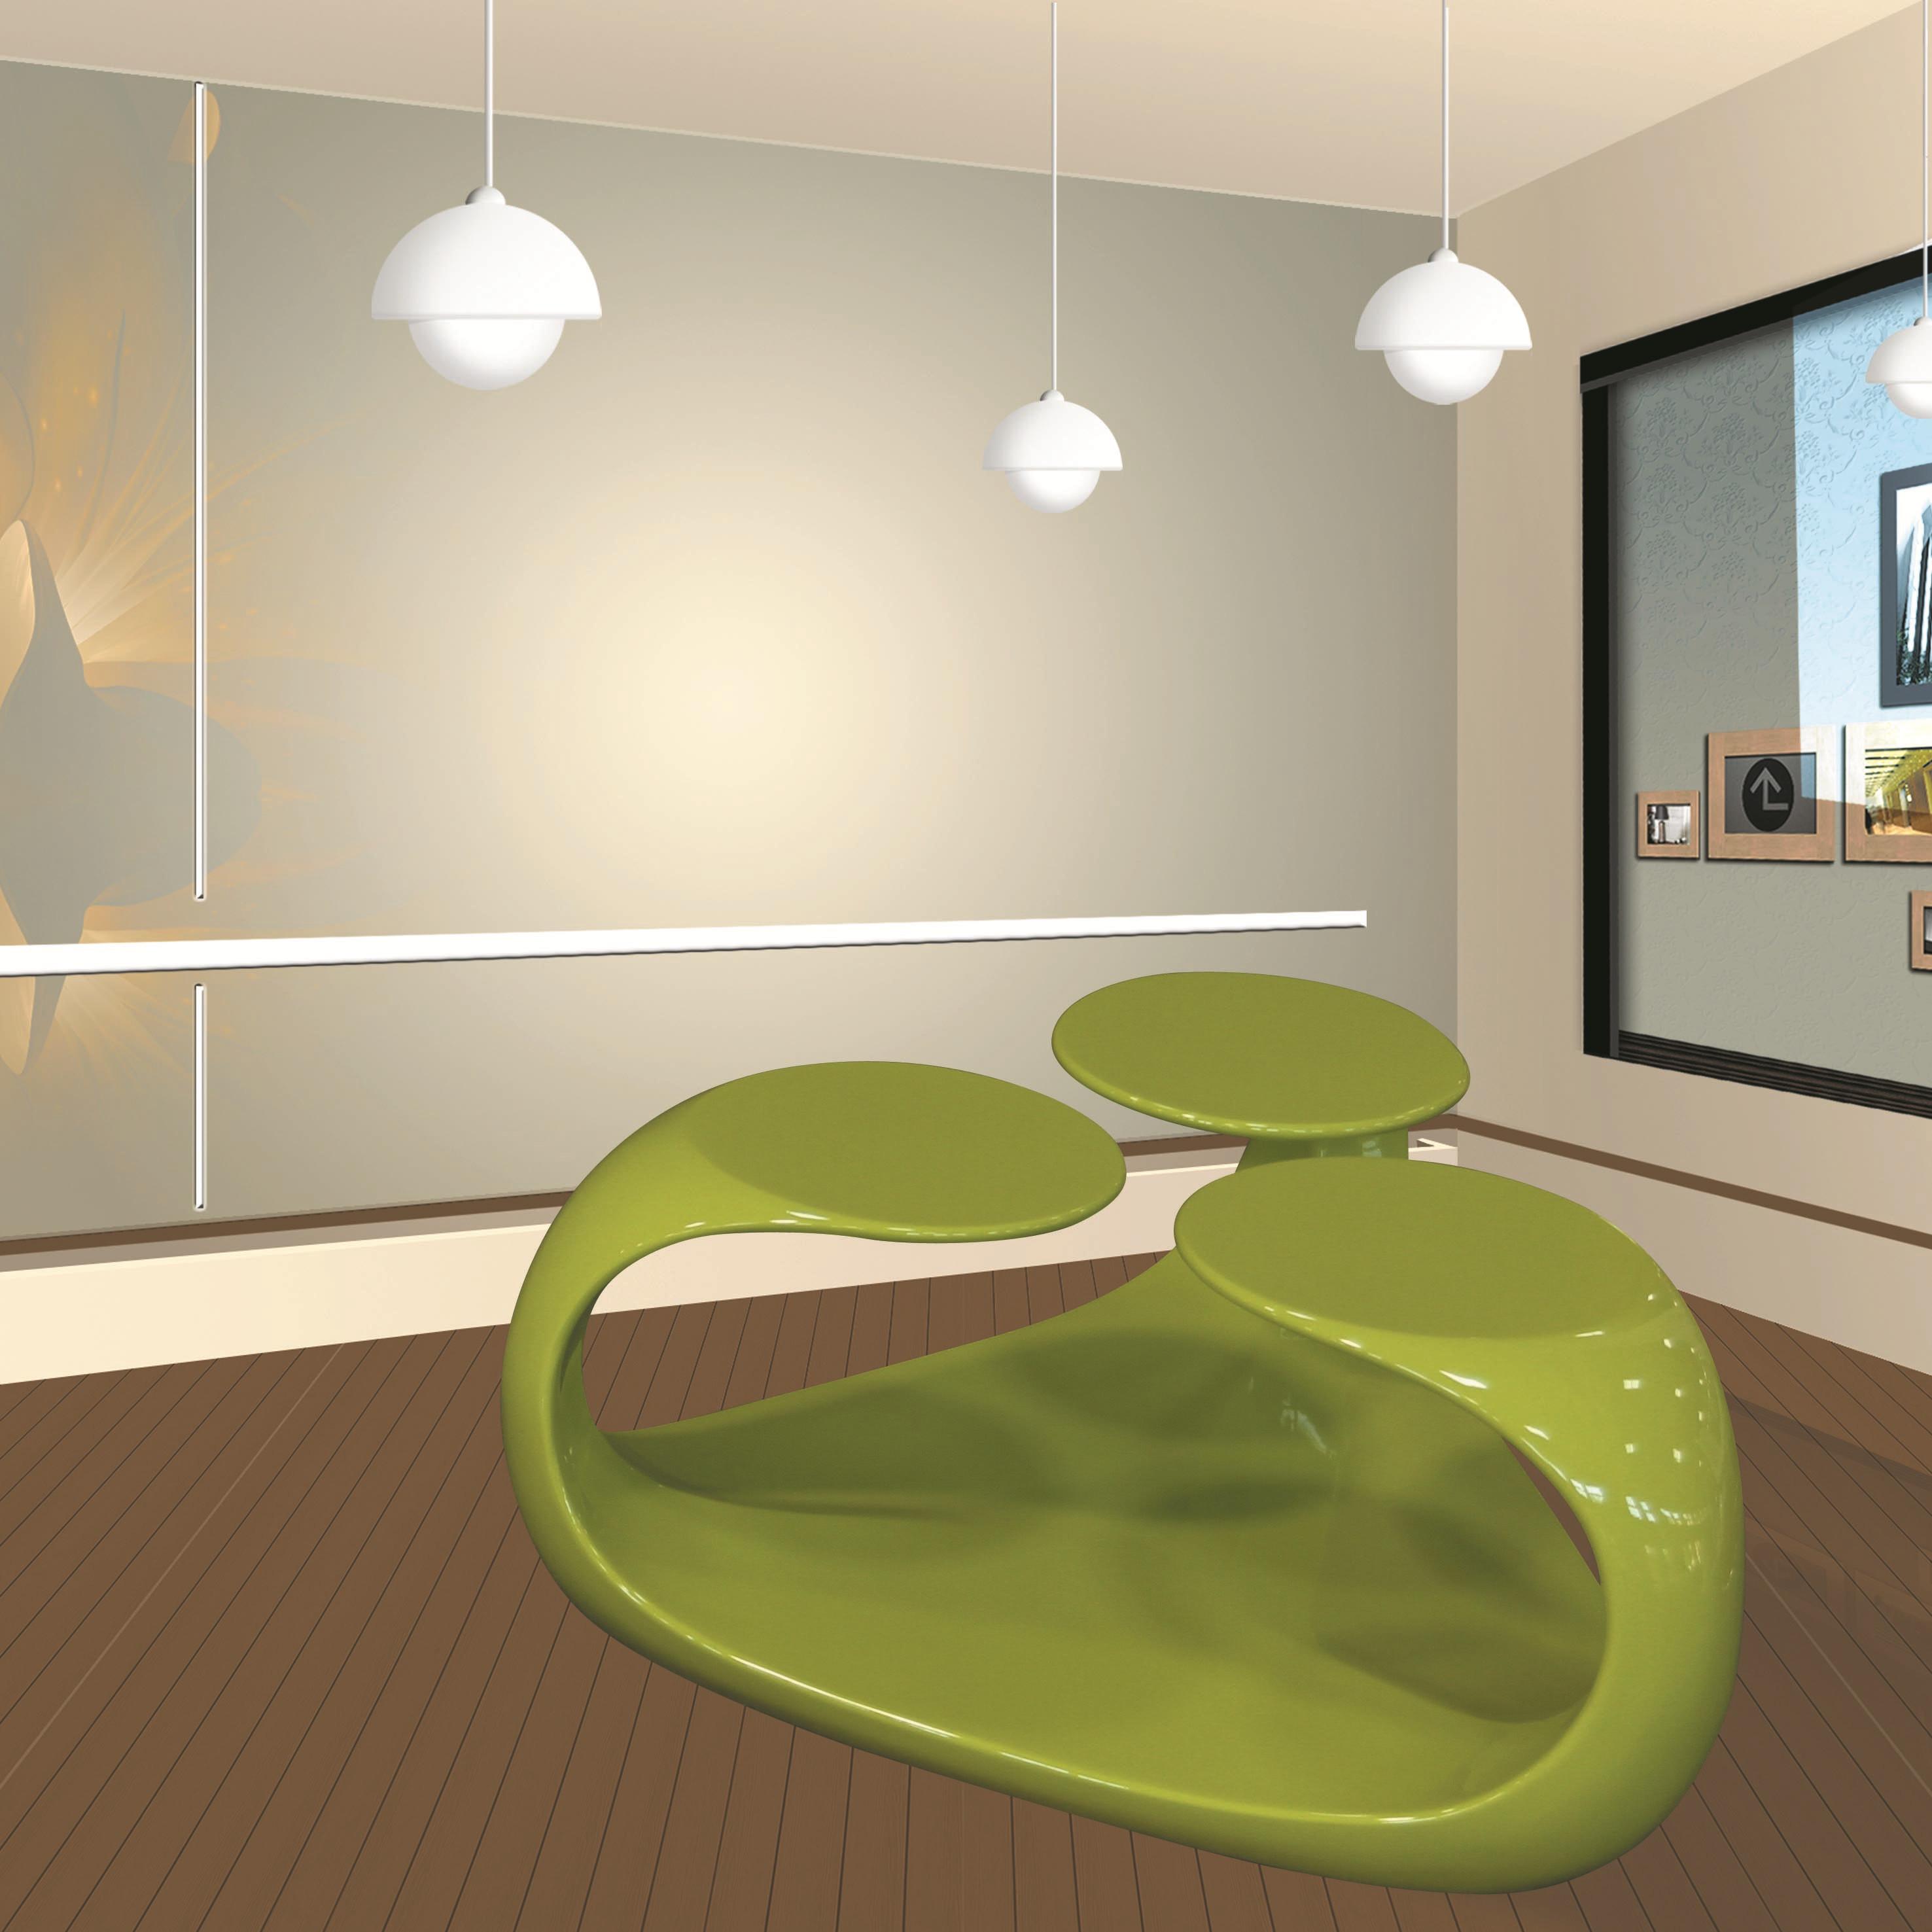 创意造型时尚花瓣桌 个性设计茶几 特色桌 户外咖啡桌 客厅茶几